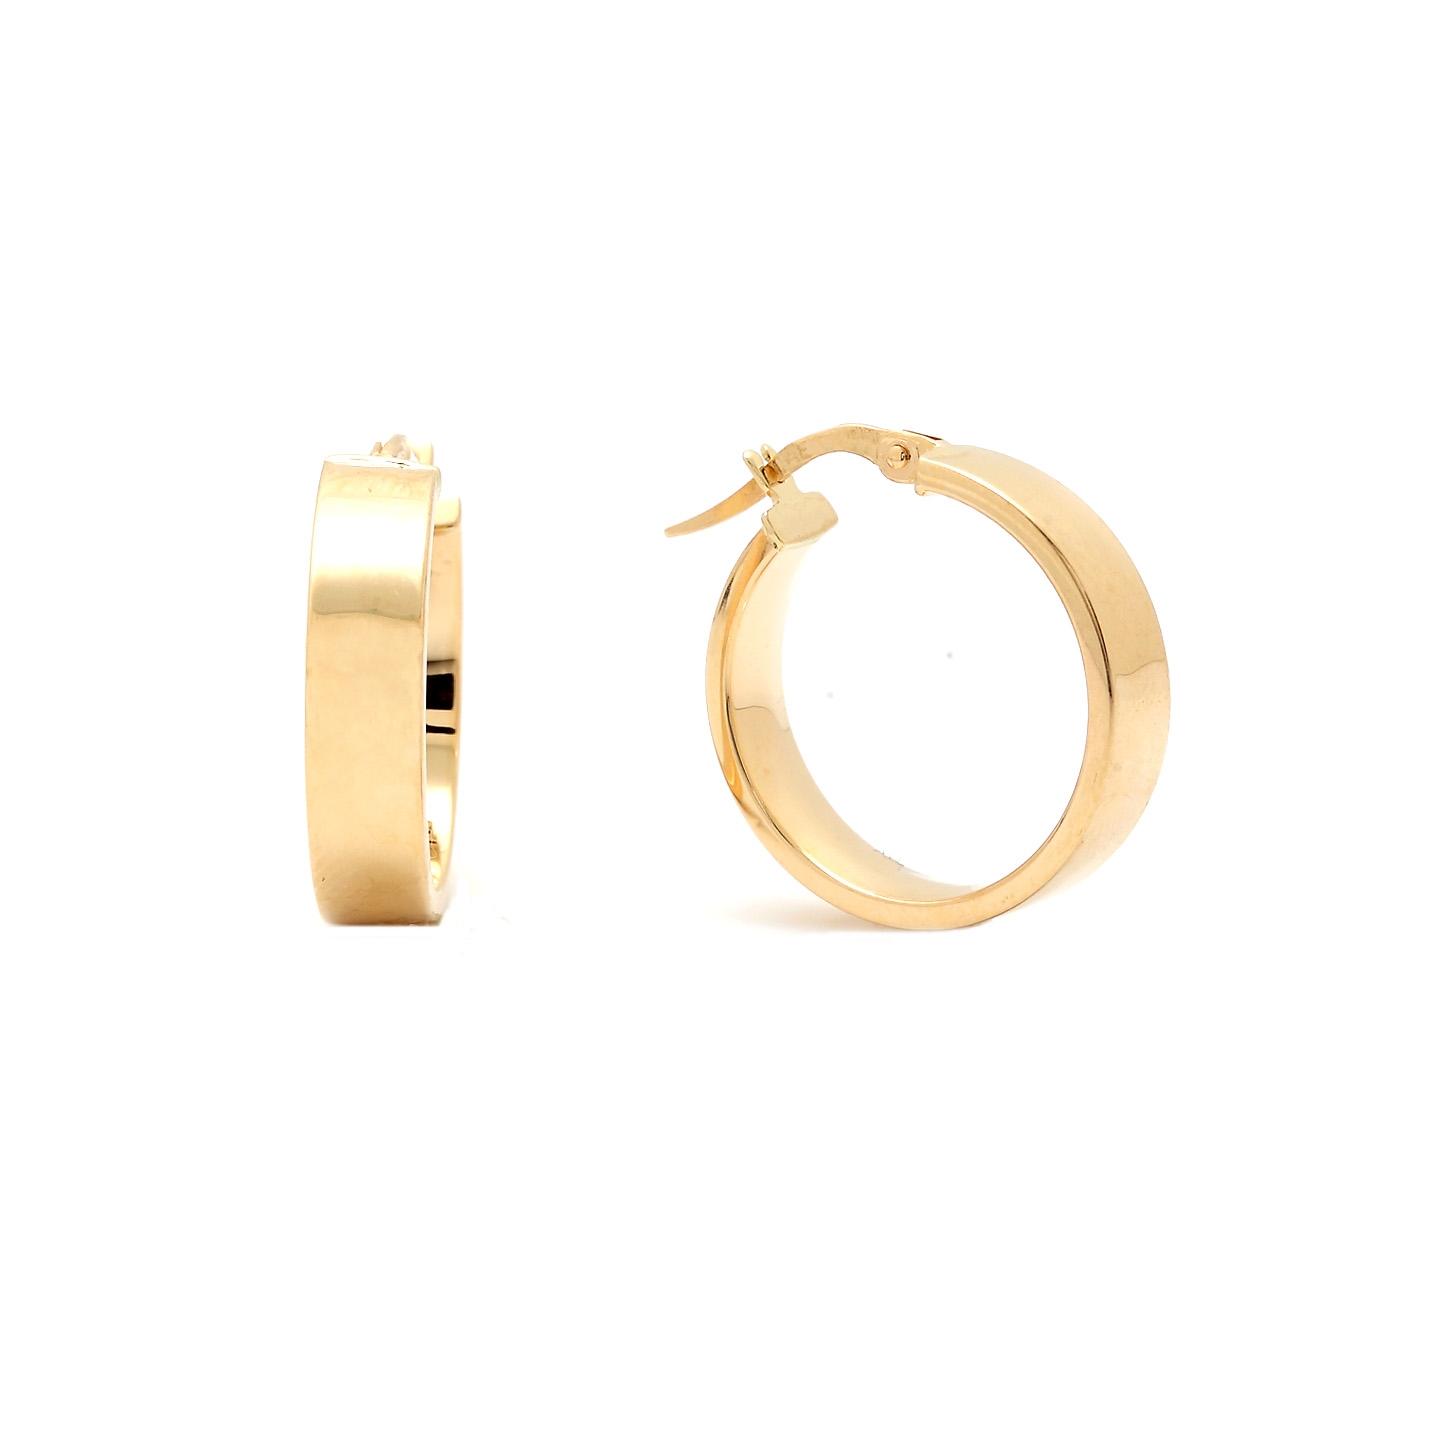 Zlaté náušnice HUELA - kruhy